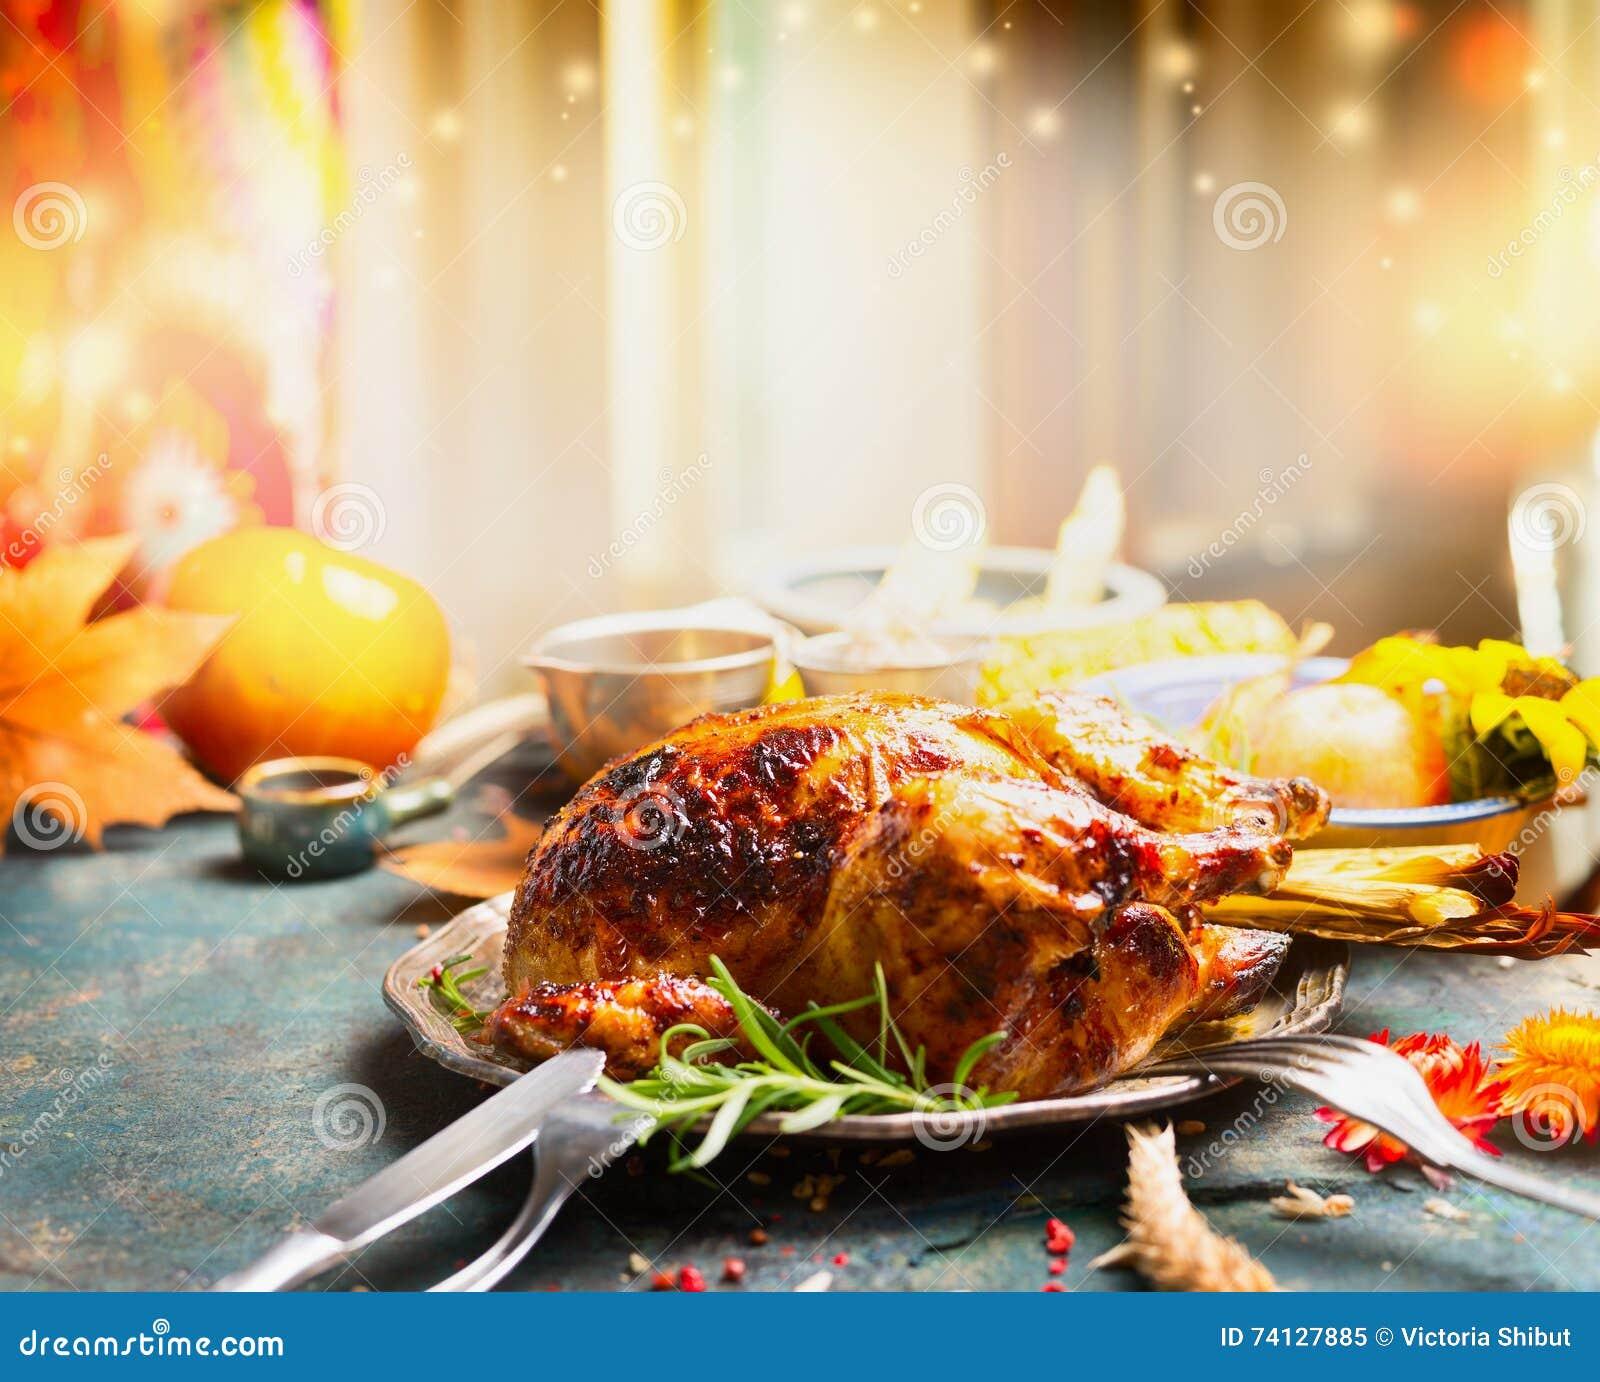 Tabla de cena del día de la acción de gracias con el pavo asado